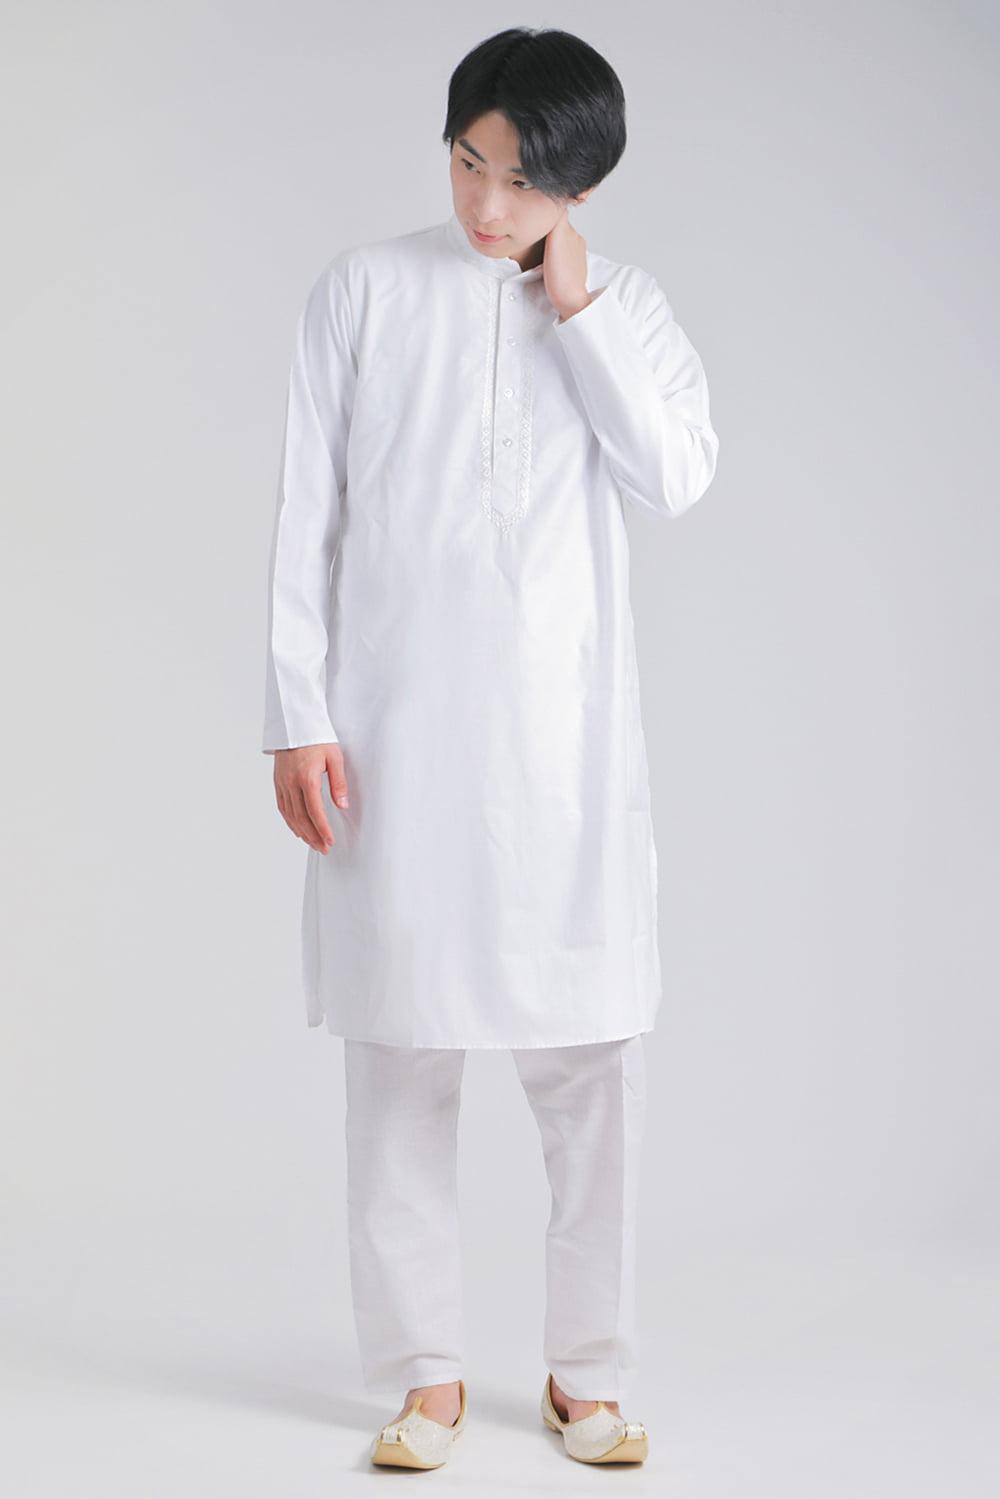 シンプルホワイト クルタ・パジャマ上下セット インドの男性民族衣装の写真